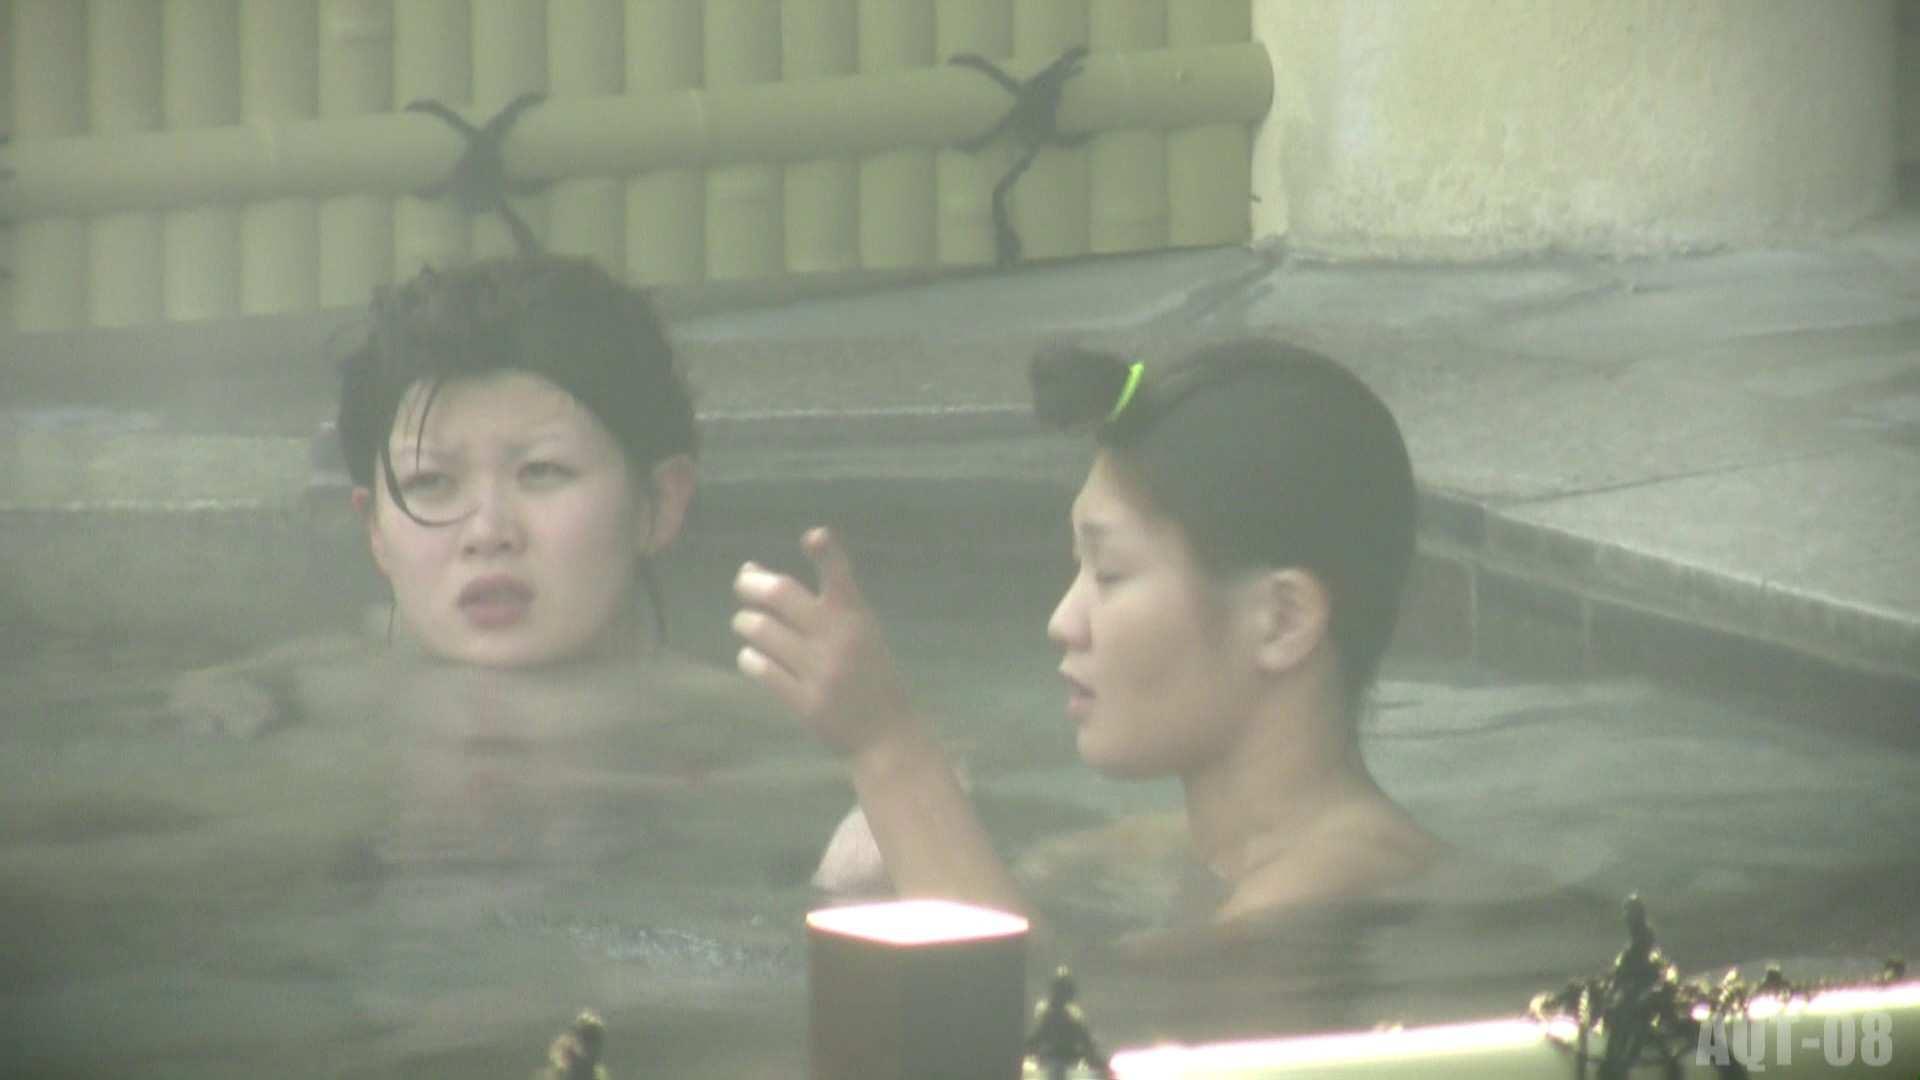 Aquaな露天風呂Vol.777 美しいOLの裸体  101pic 39